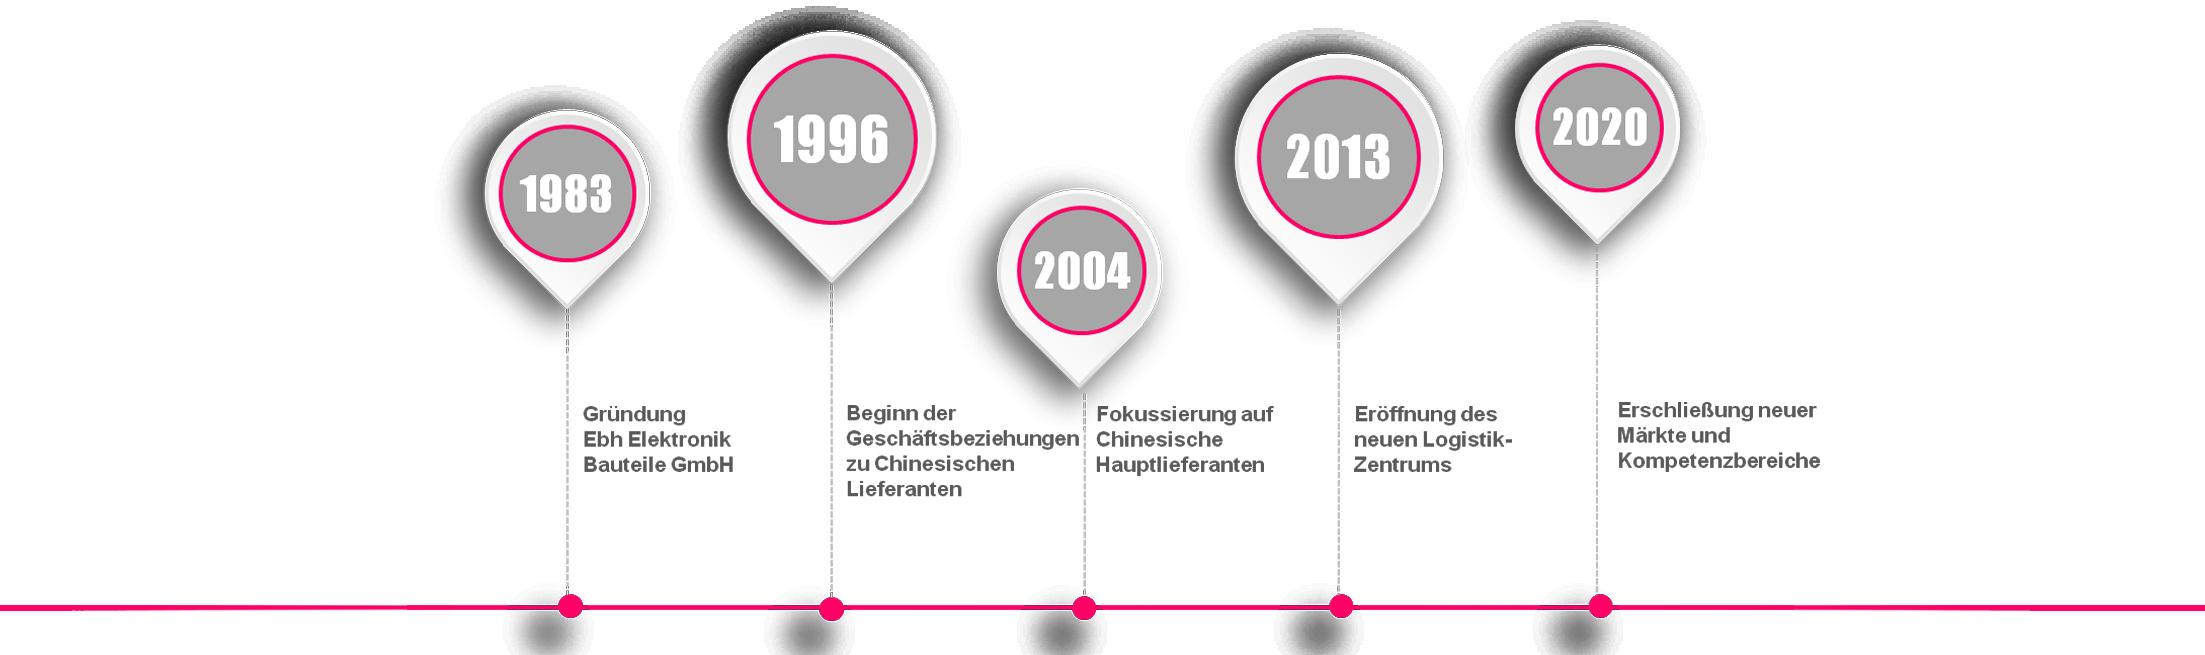 EBH Firmengeschichte seit 1983